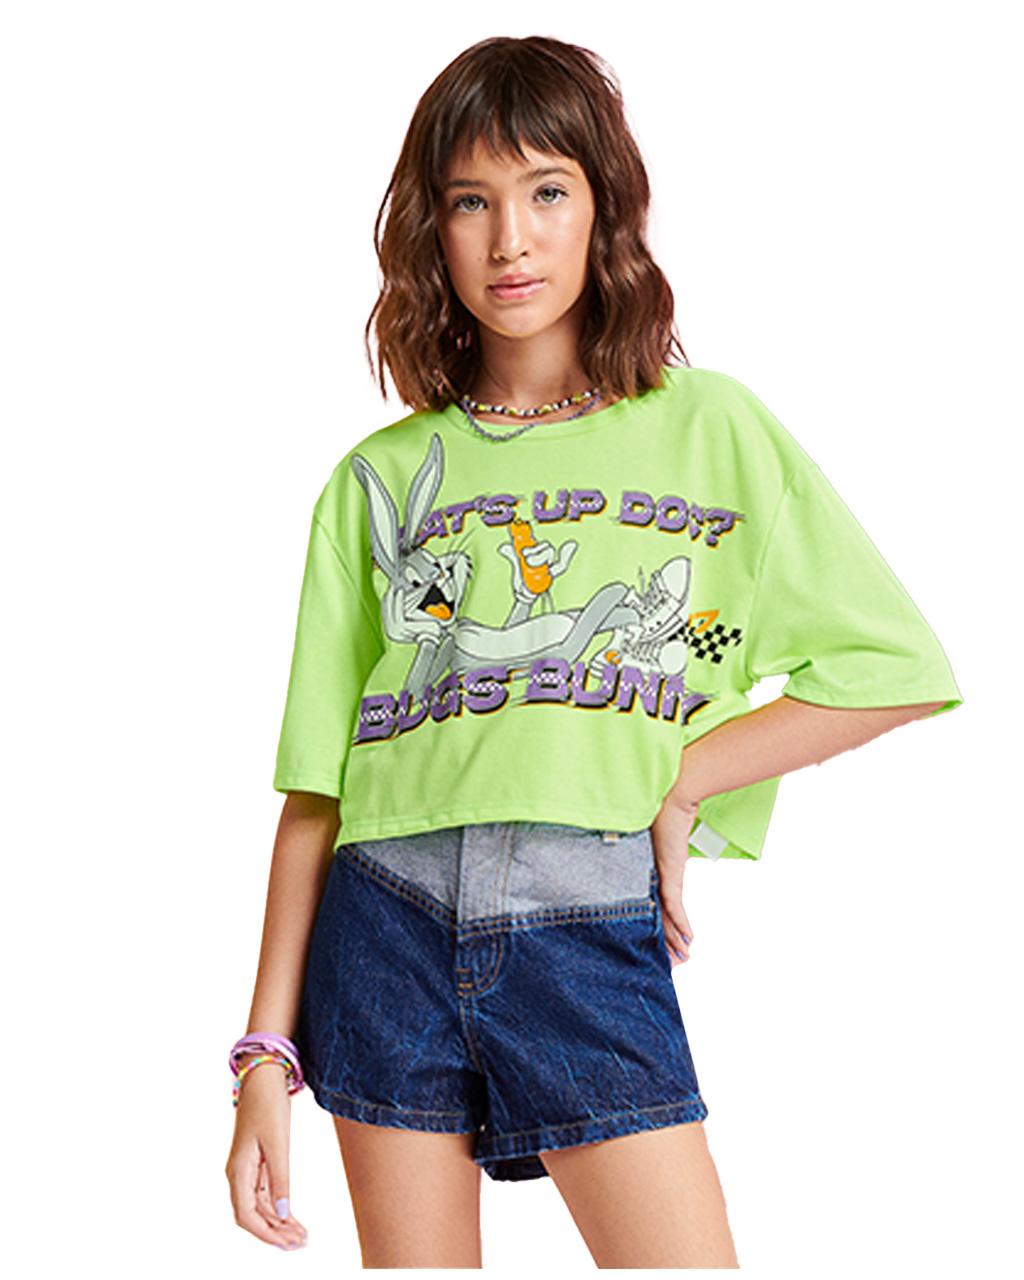 T-Shirt Teen Verde Neon Looney Tunes I Am